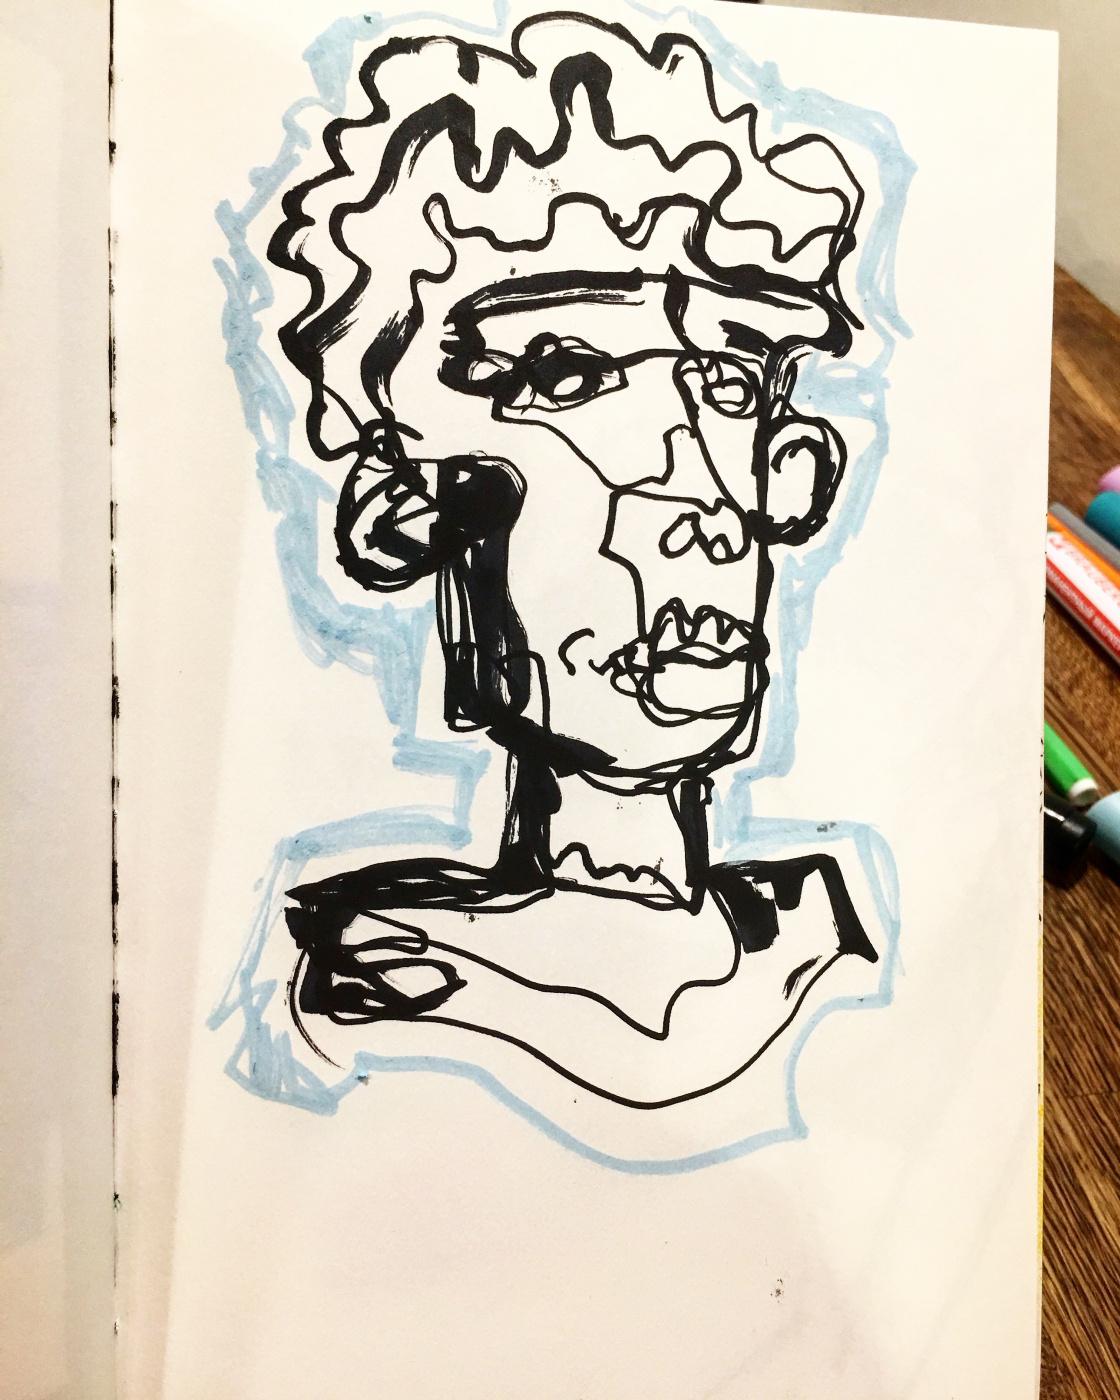 Alena Alekseevna Zasulskaya. Basquiat